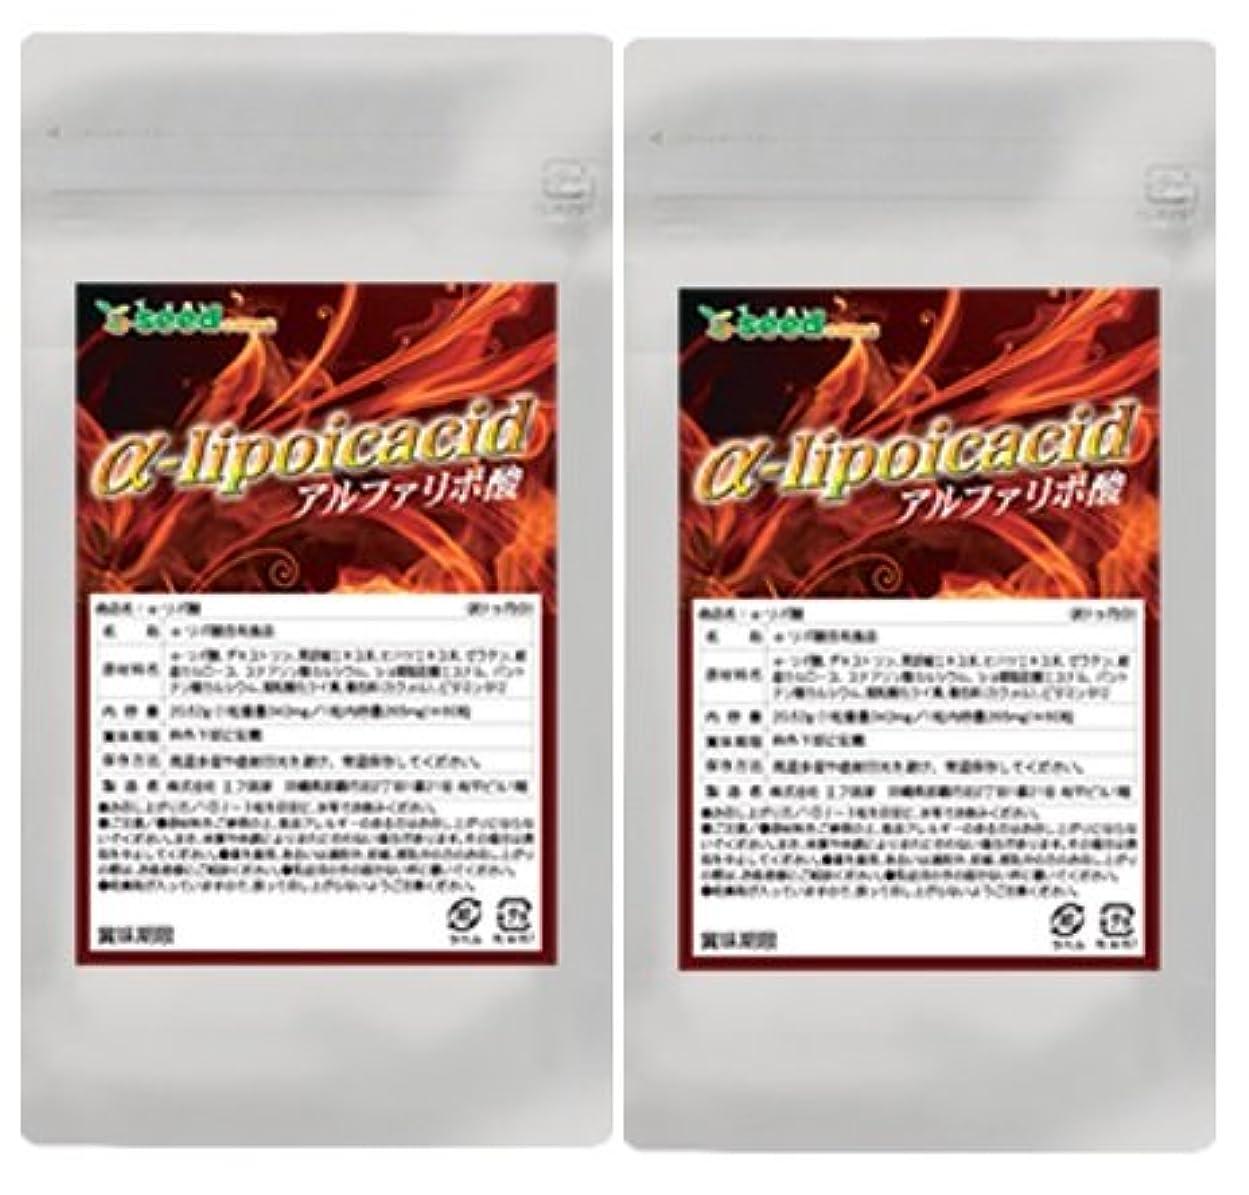 挽く解説香りシードコムス seedcoms α-リポ酸 アルファリポ酸サプリ 燃焼系 ダイエット 約6ヶ月分 360粒